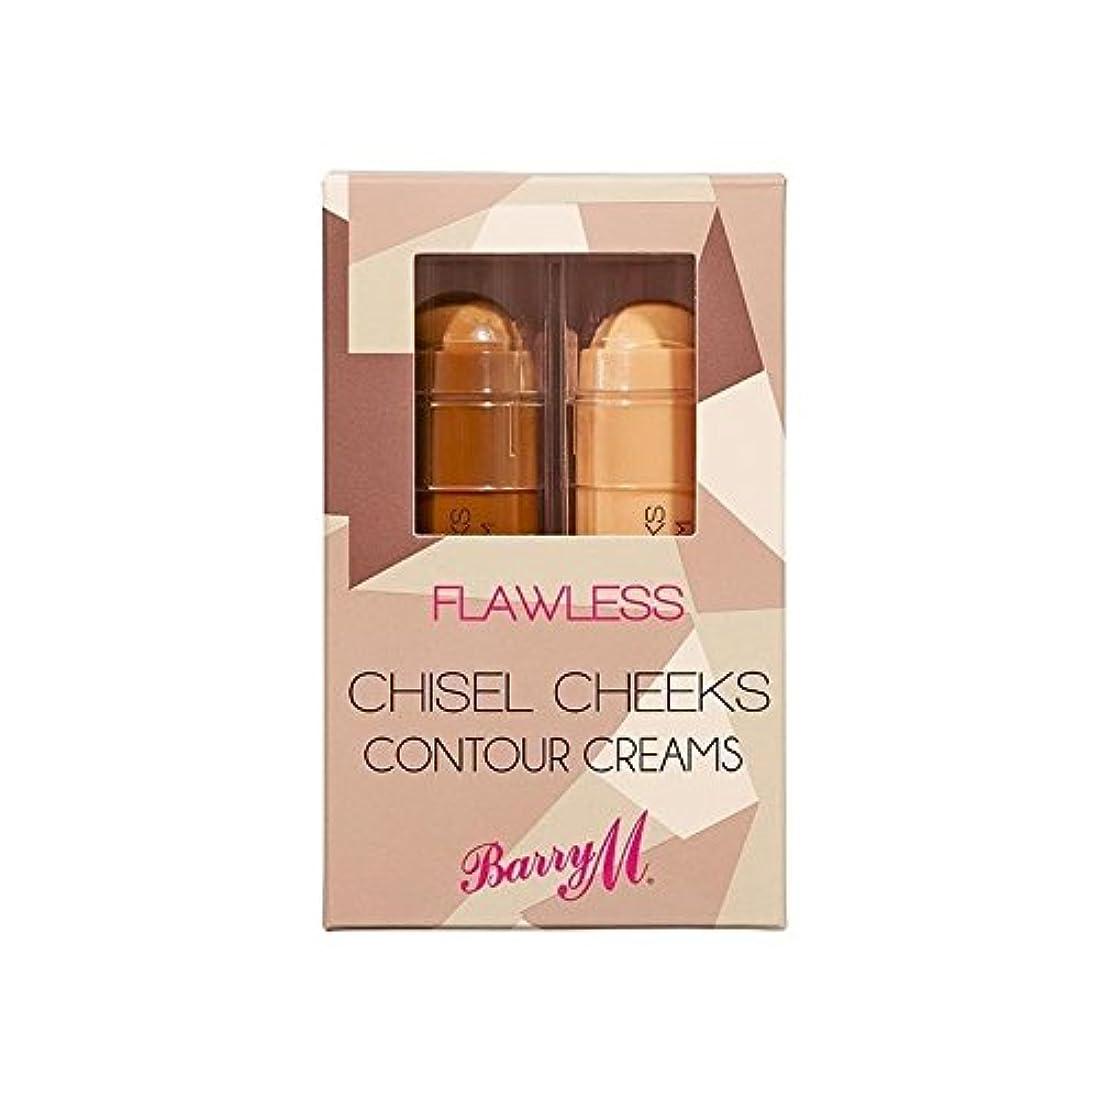 ずるい血全体バリーメートルチゼル頬の輪郭クリーム x2 - Barry M Chisel Cheek Contour Creams (Pack of 2) [並行輸入品]